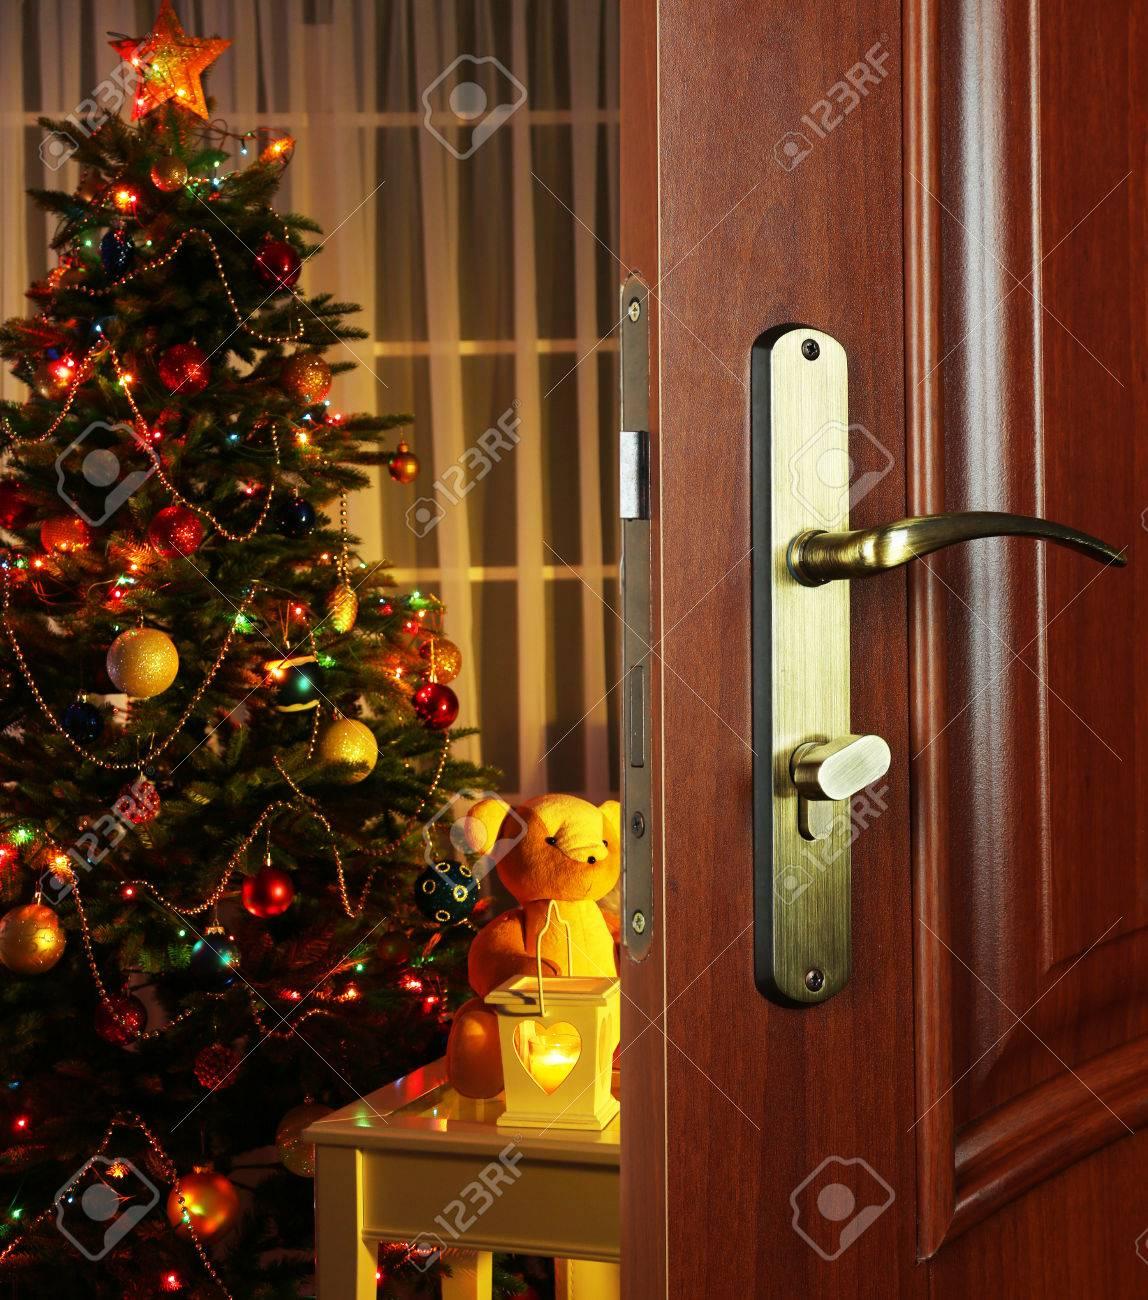 Christmas Door.Open Door With Decorated Christmas Tree In Room